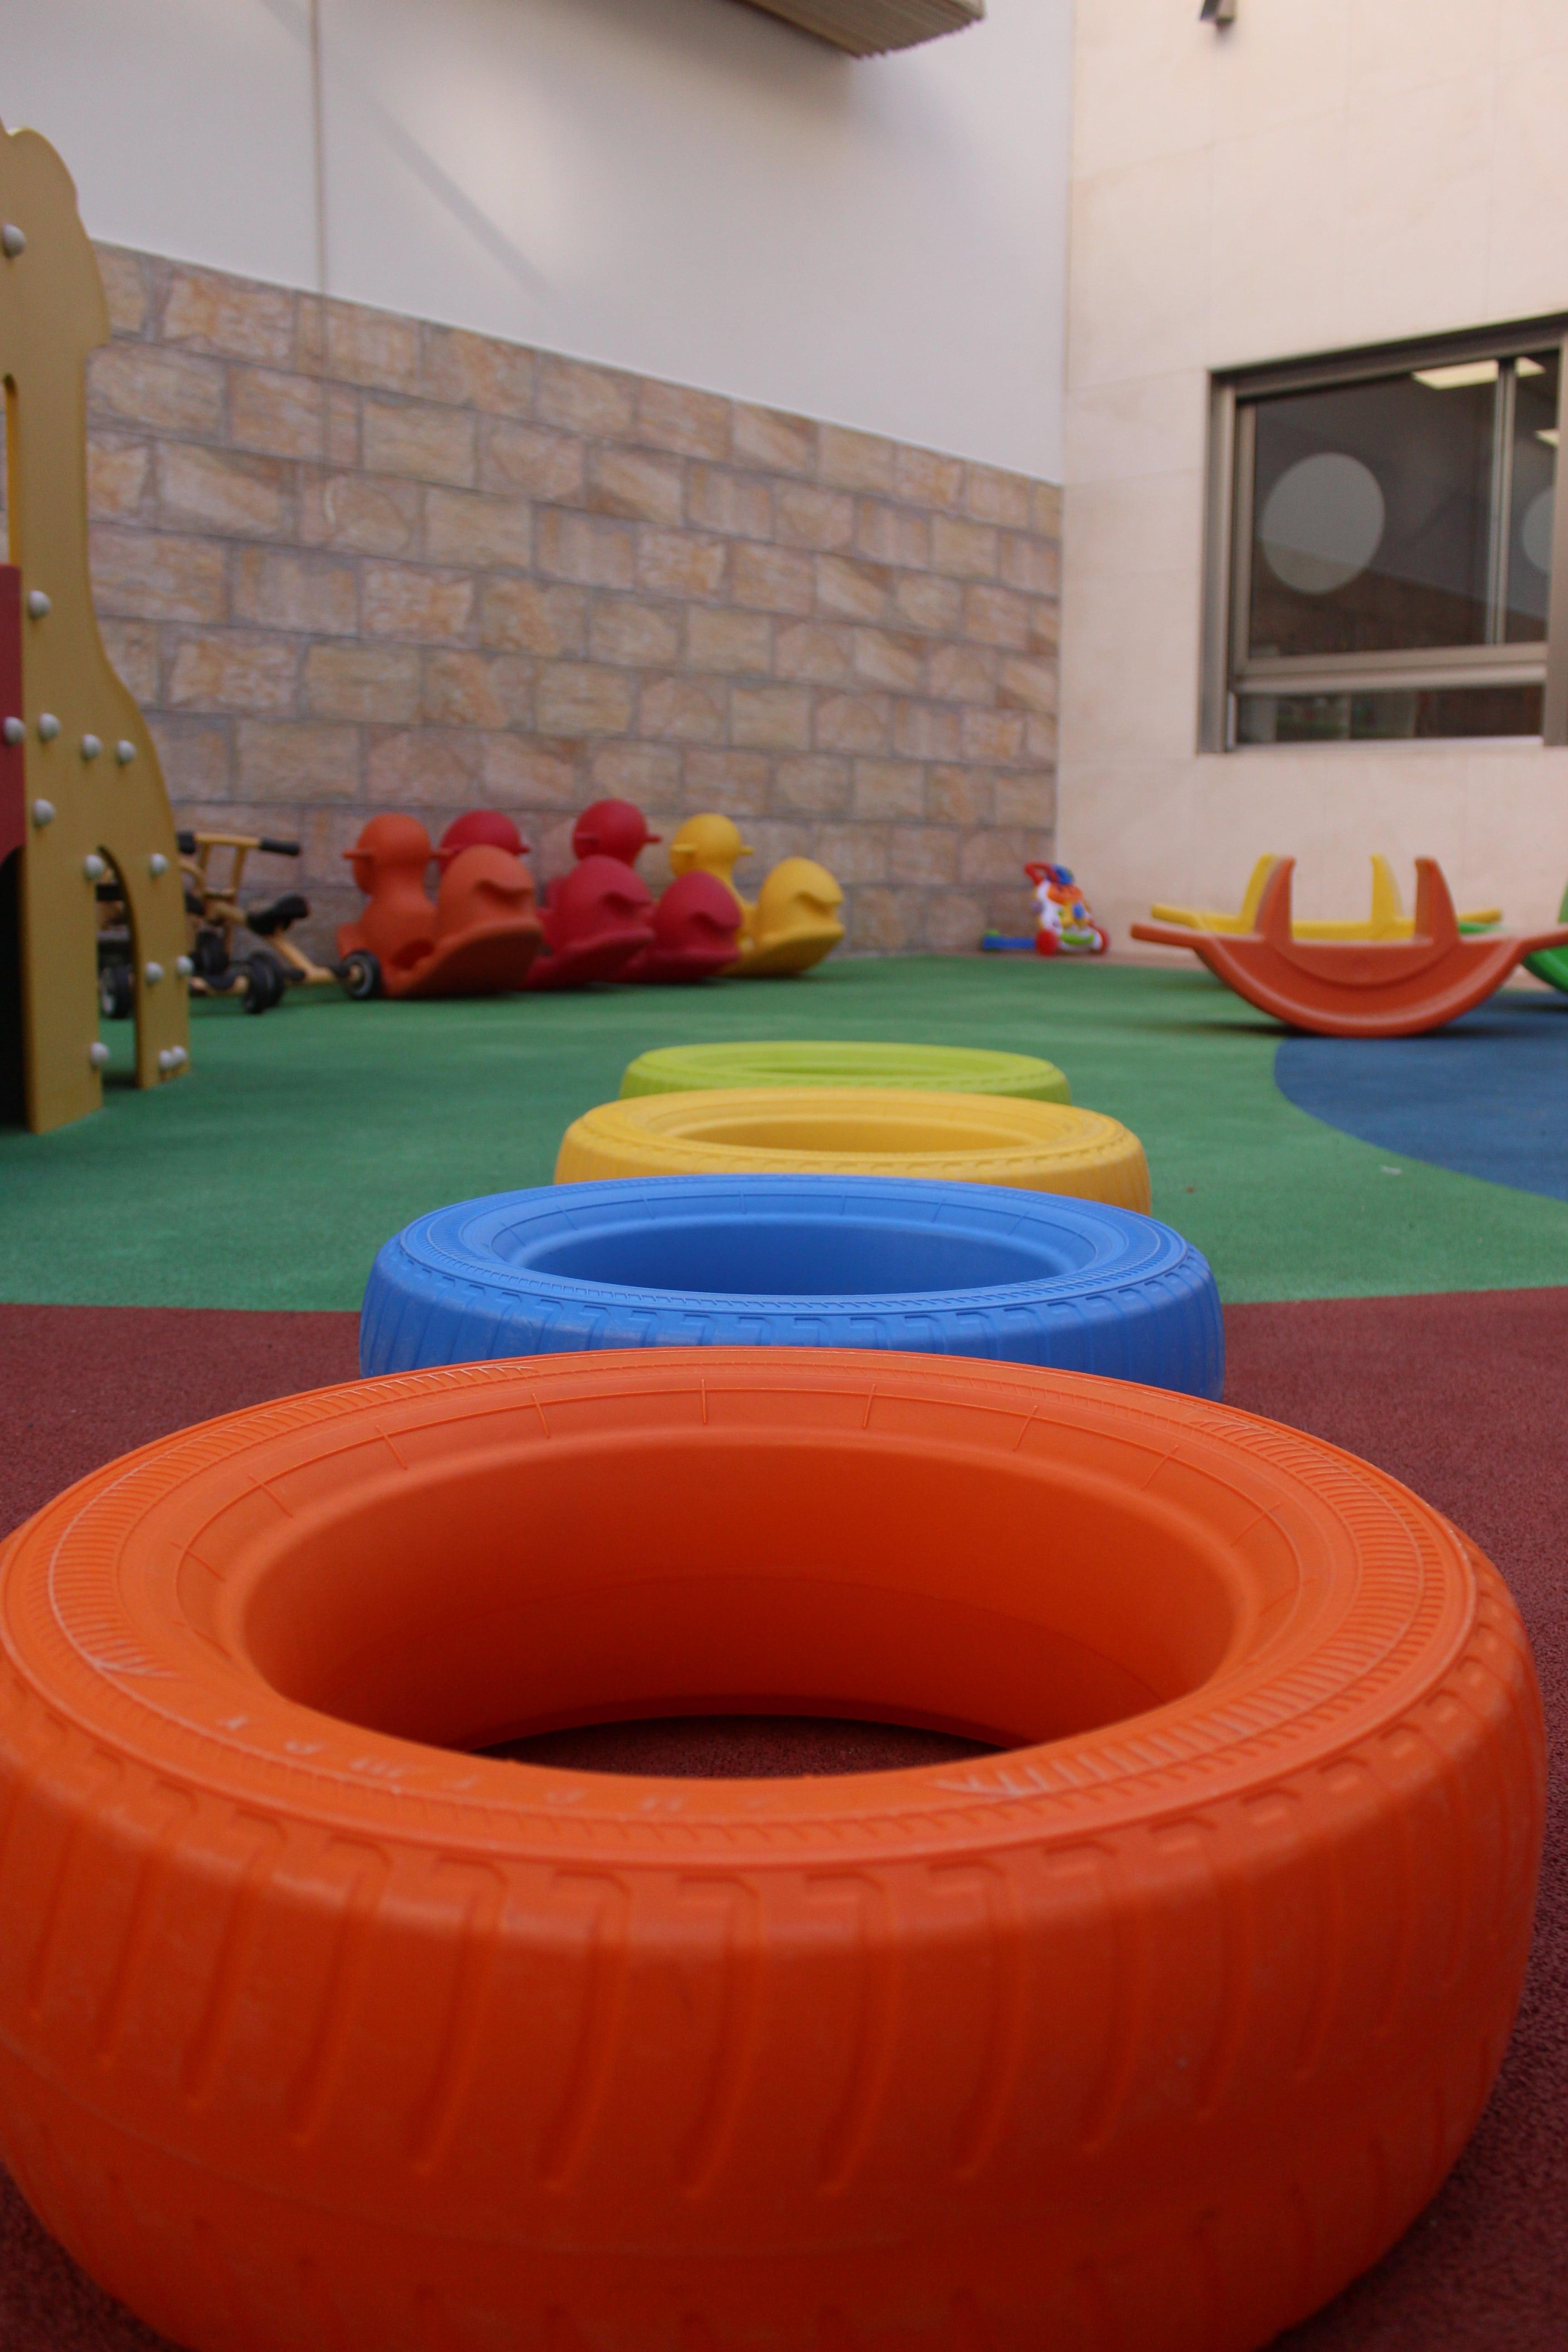 escuela infantil bilingüe en Valencia - neumaticos ordenados